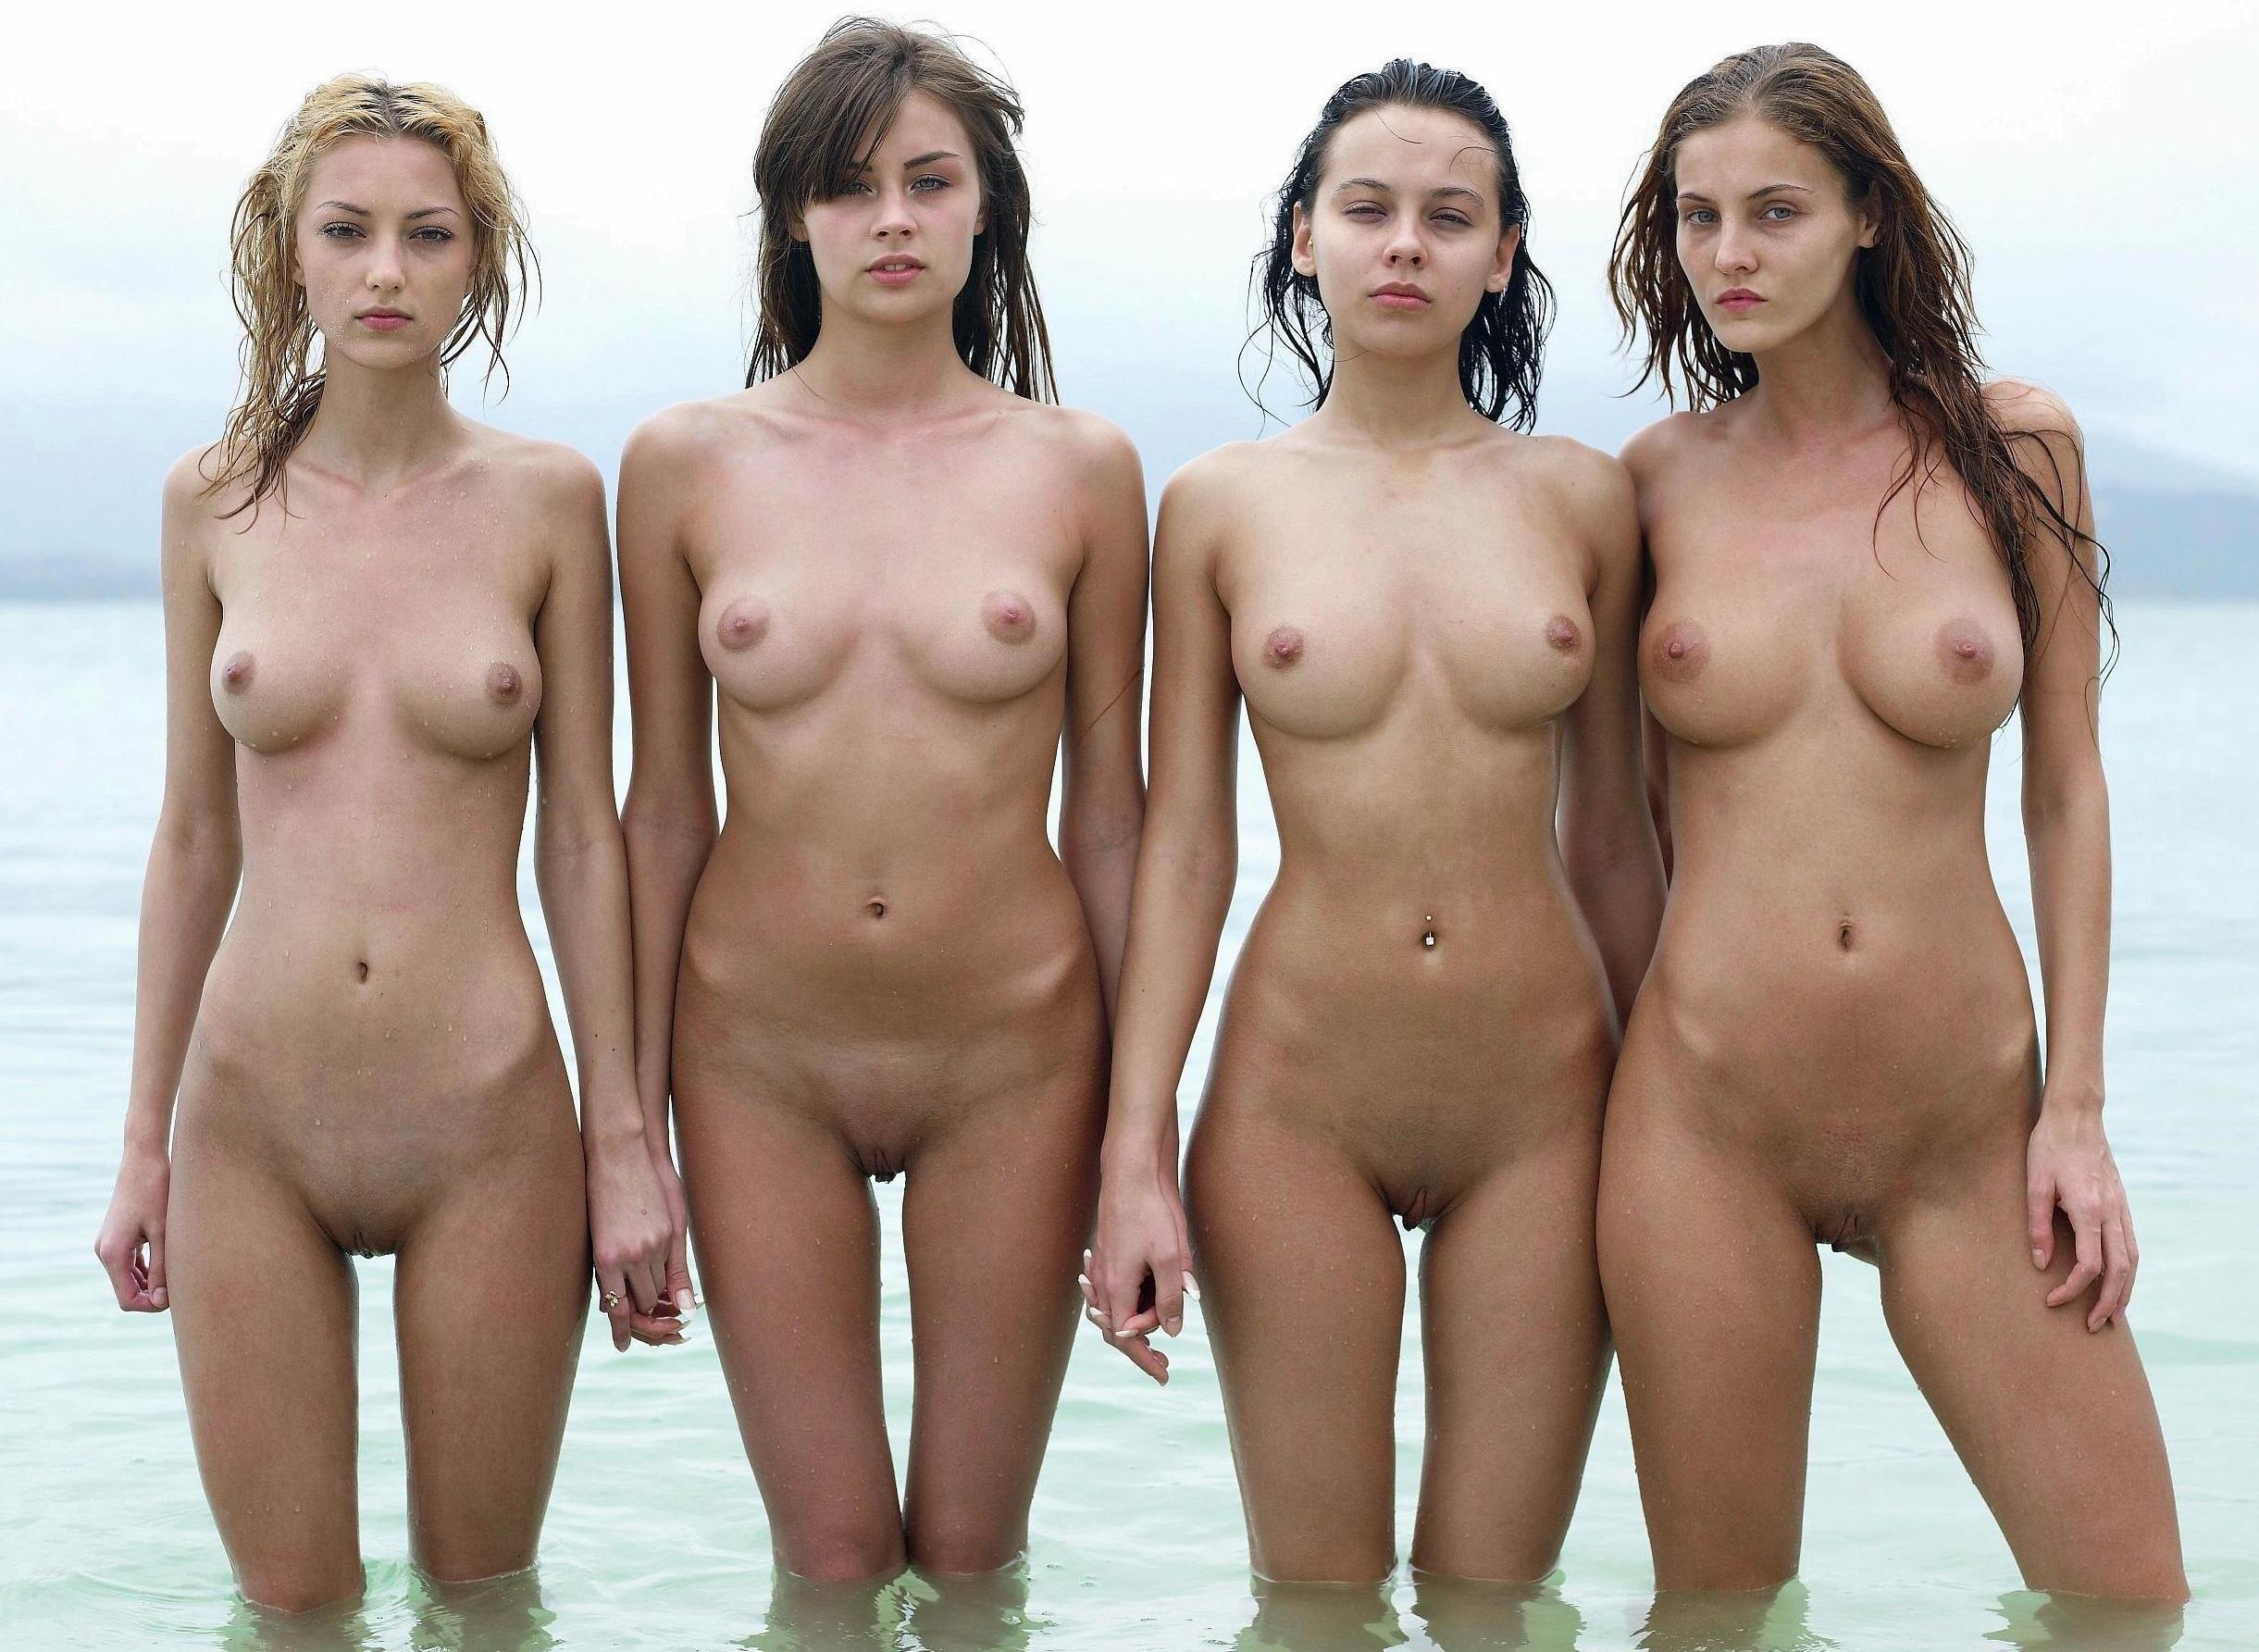 Girl group naked Naked Girls